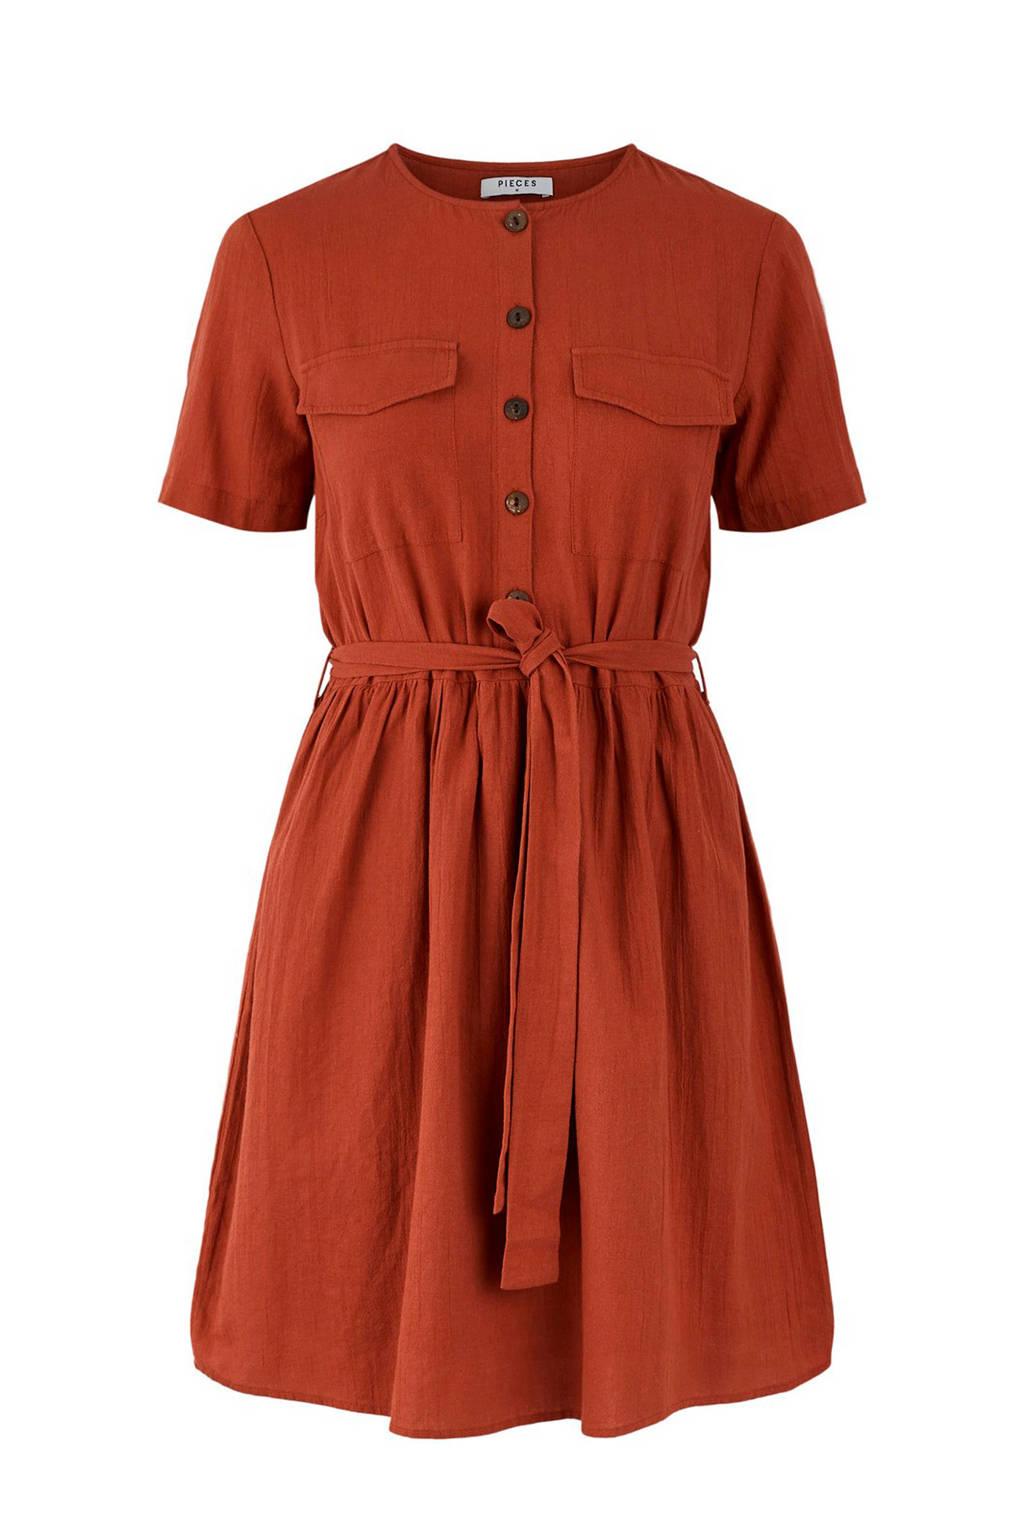 PIECES blousejurk met ceintuur rood, Rood